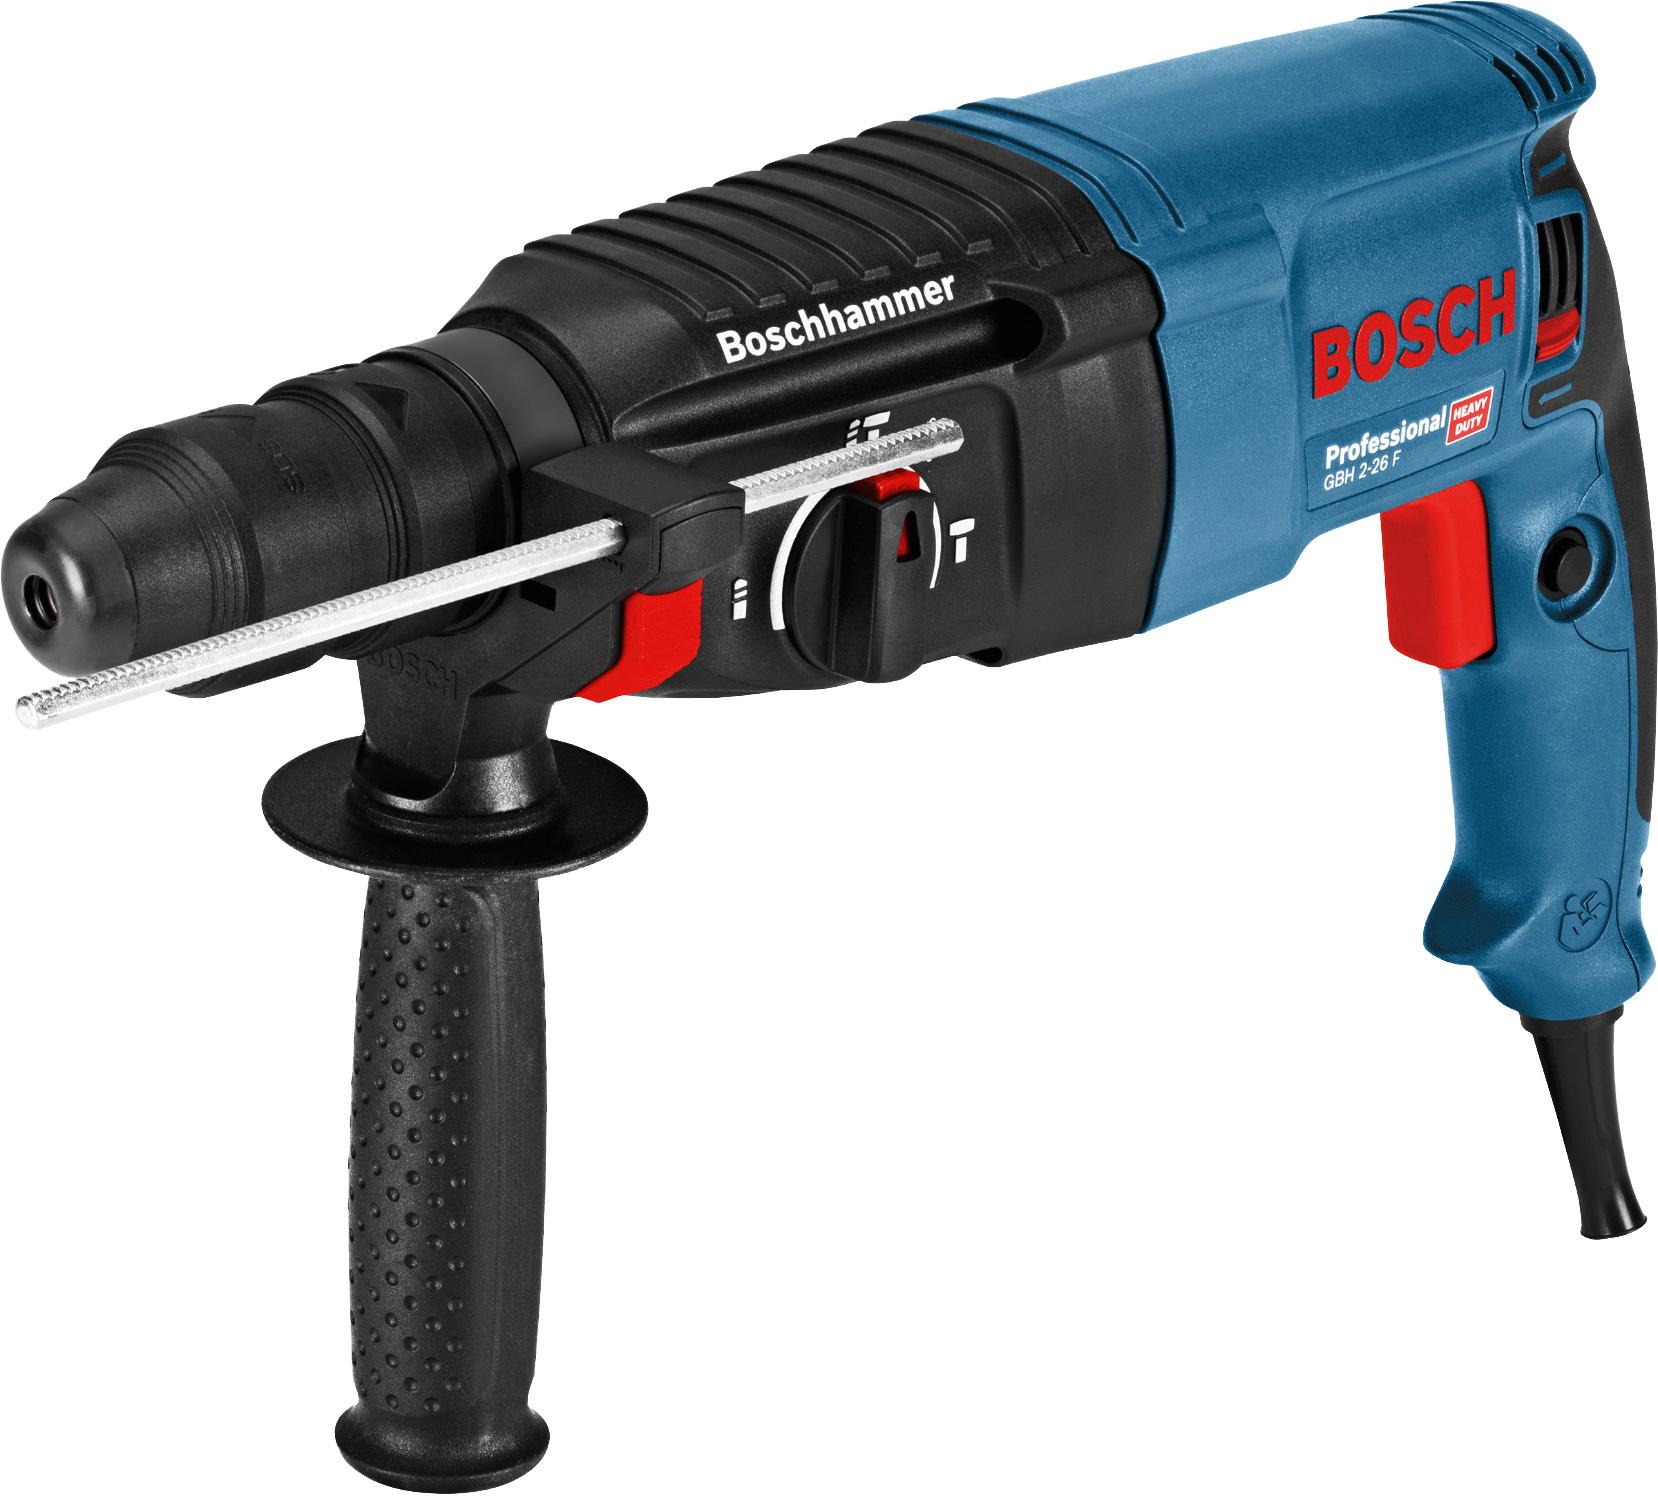 Bosch GBH 2-26 F Professional Bohrhammer (2 x Bohrersets 3-teilig 6, 8, 10 mm, im L-Case, Wechselfutter, Zusatzhandgriff, Tiefenanschlag)